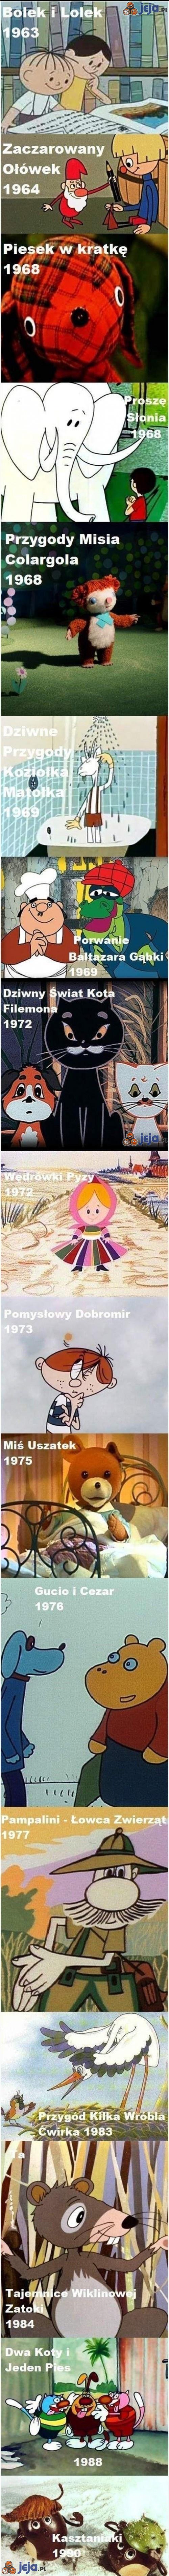 Oldschoolowe kreskówki